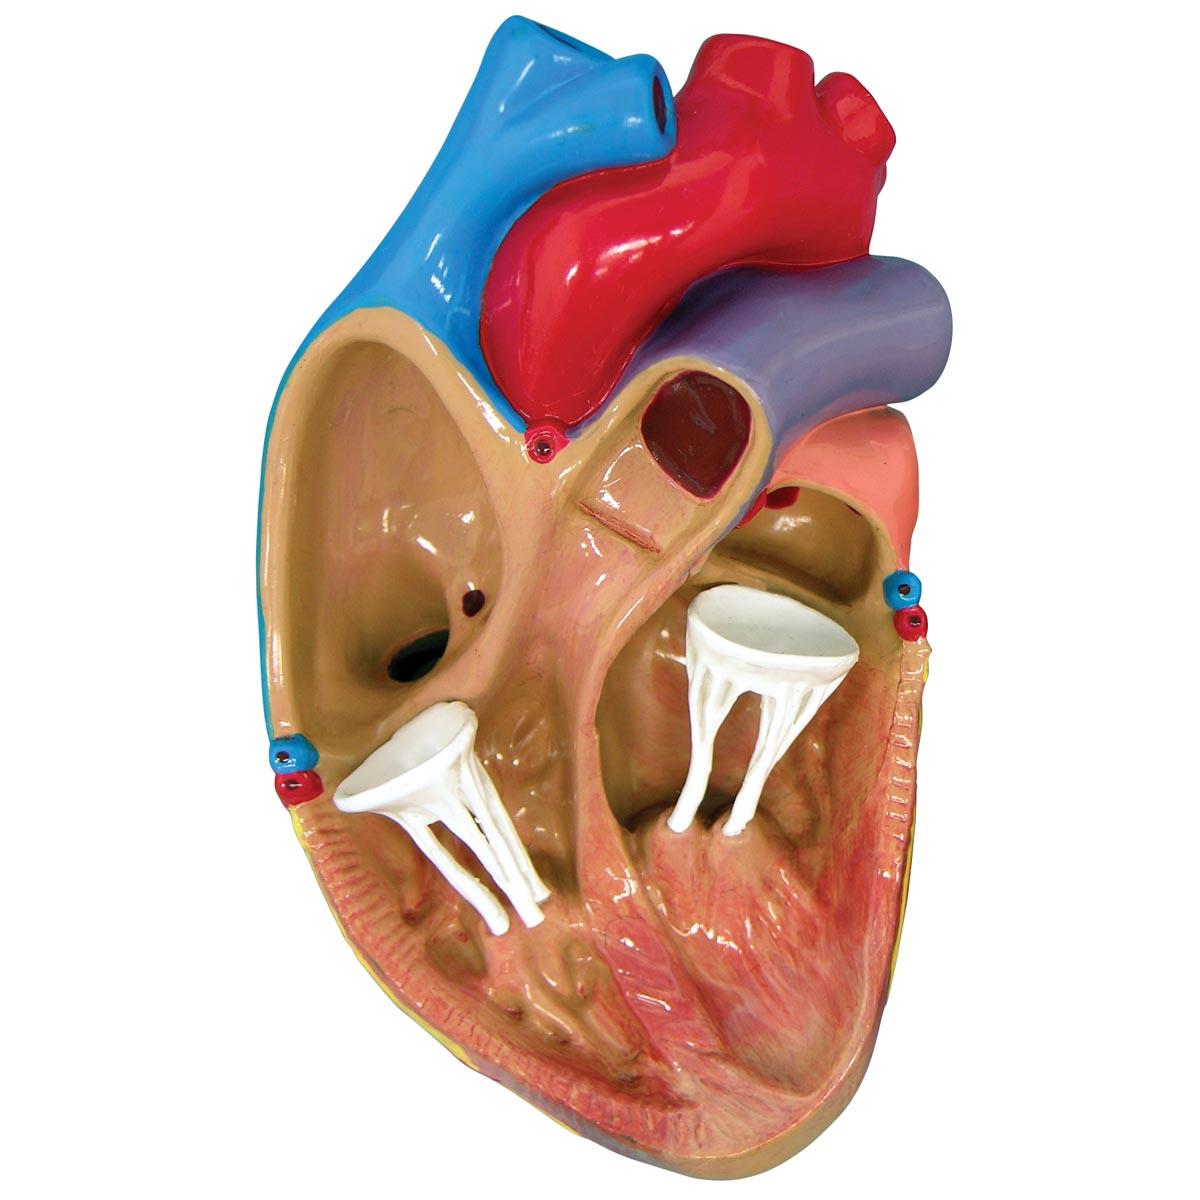 3 Mini Heart Model Set 1019530 W33365 2550 Anatomical Models